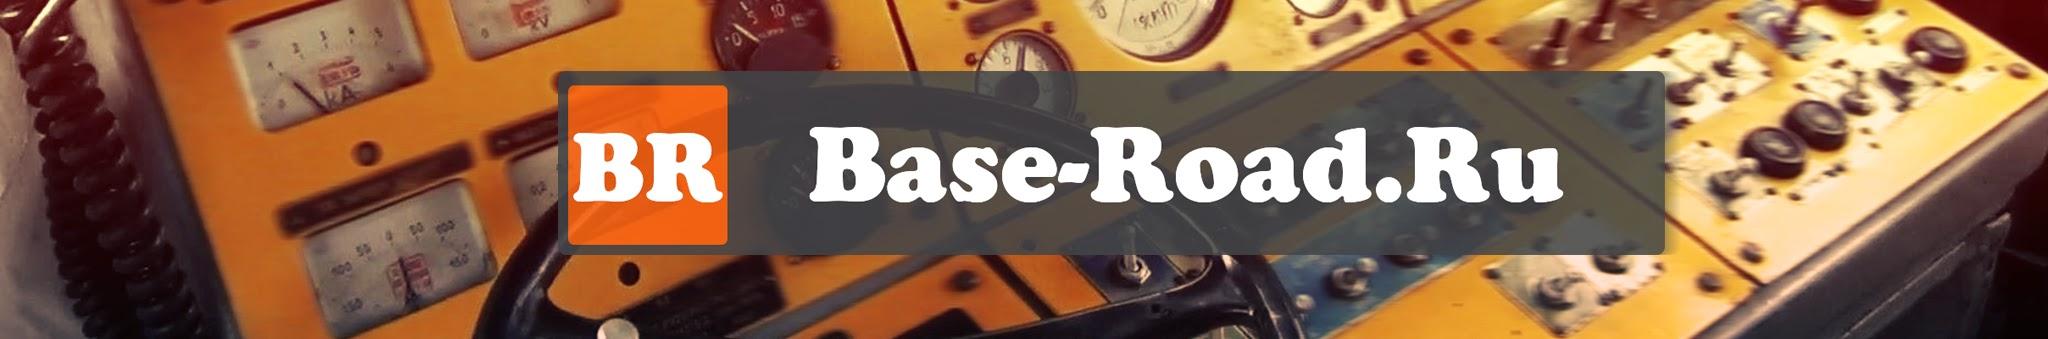 Картинки по запросу base-road.ru логотип